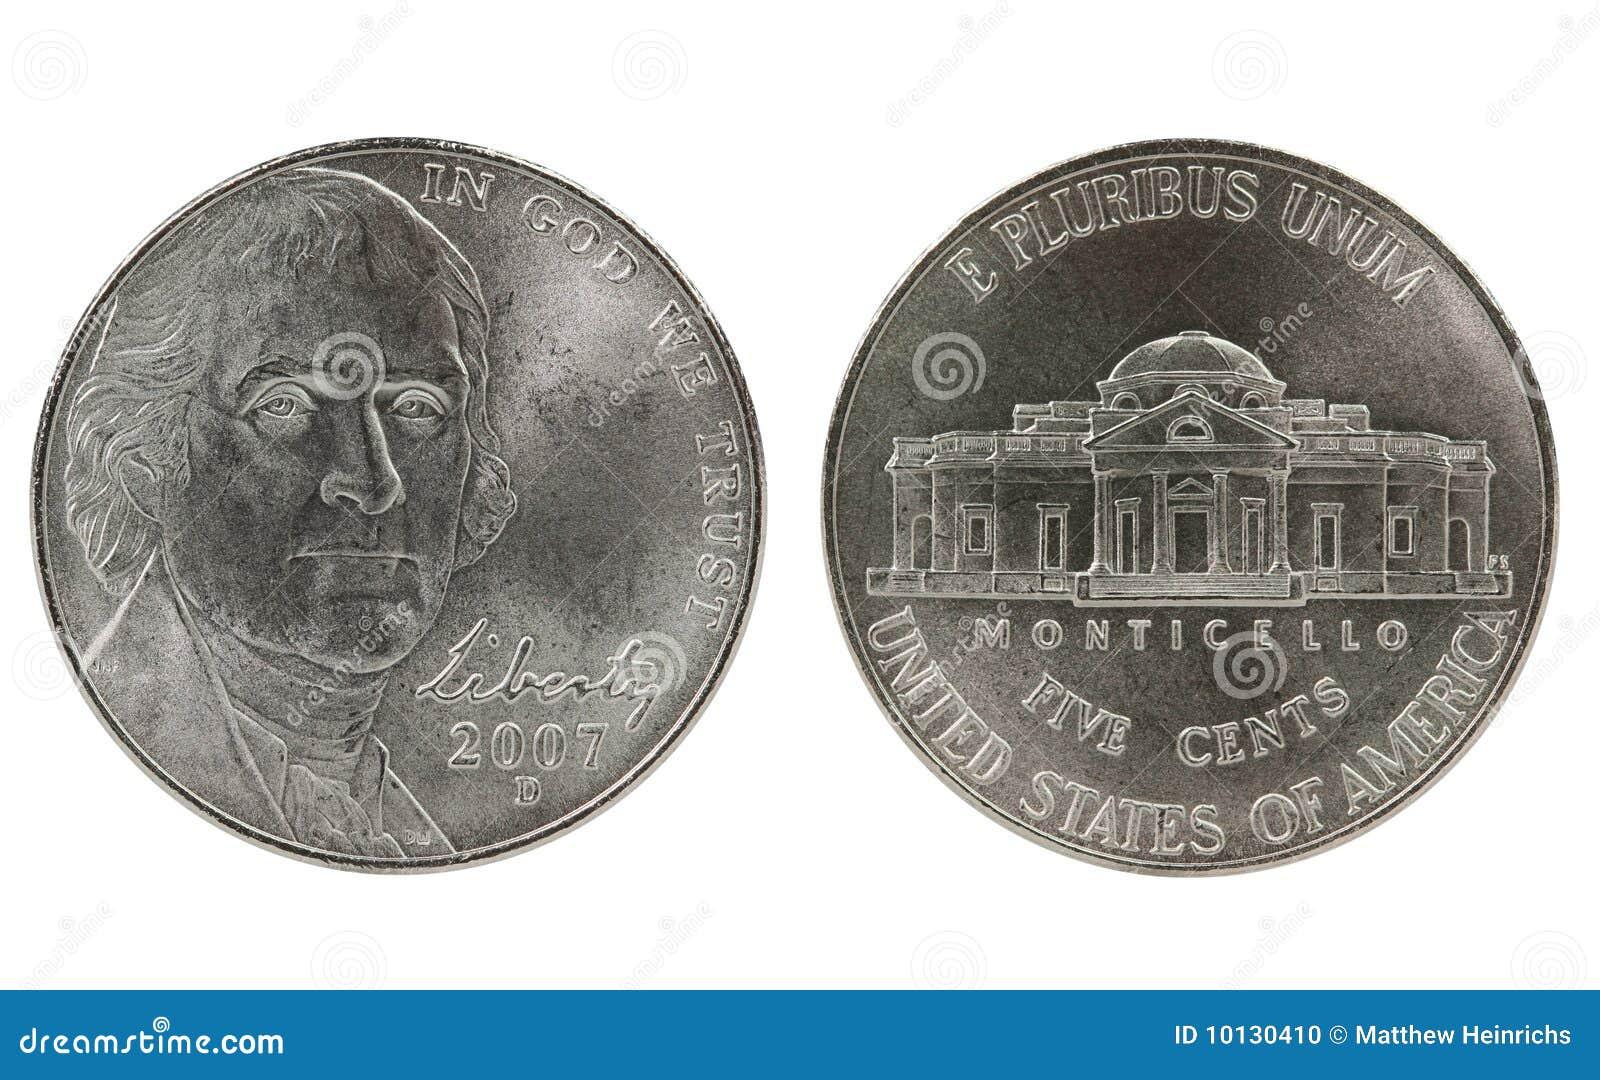 thomas jefferson coin